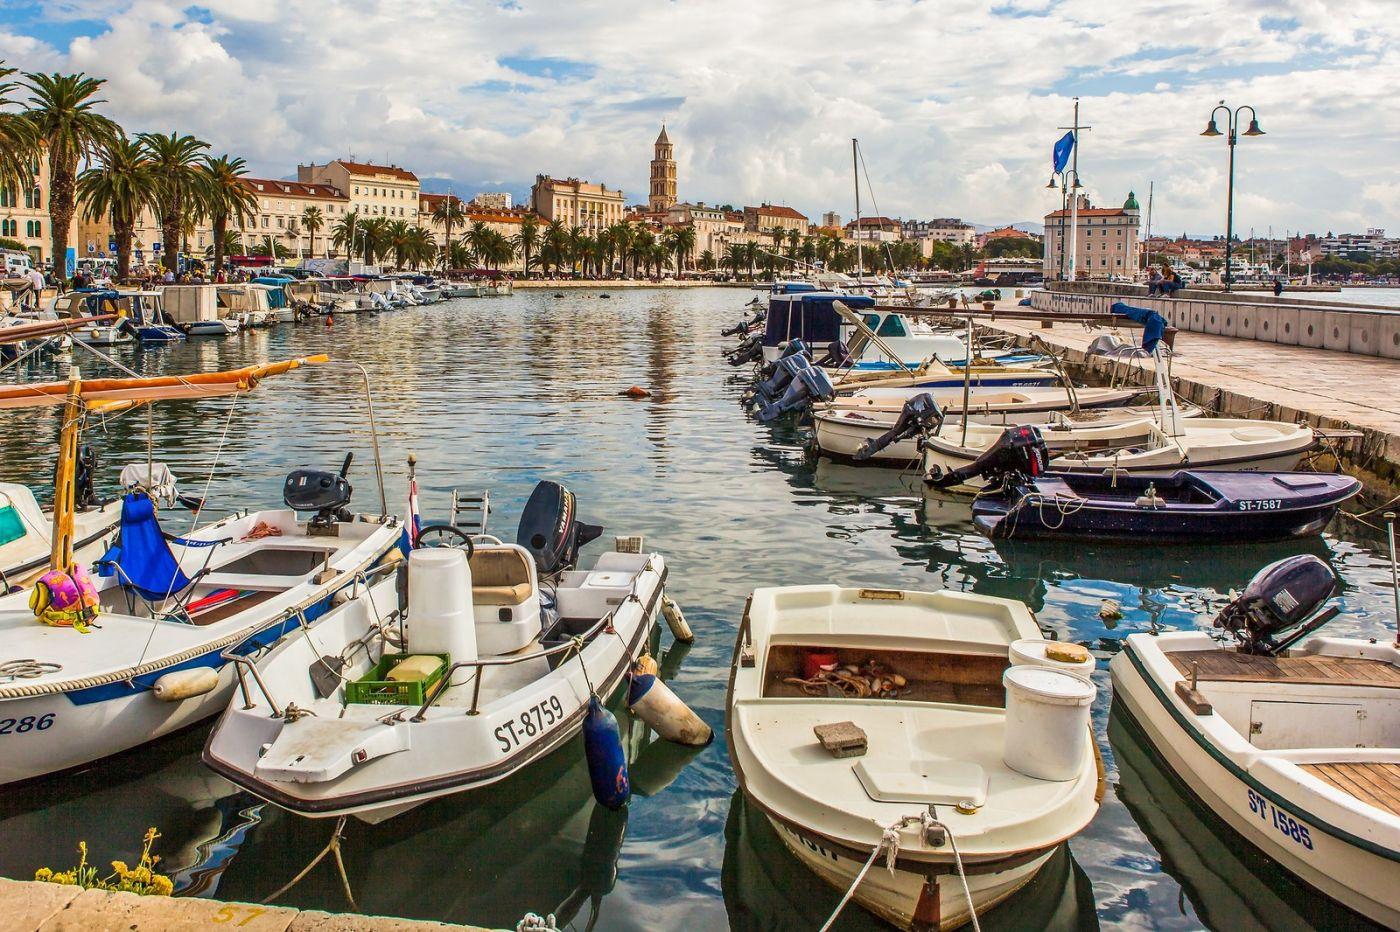 克罗地亚斯普利特(Split),美丽海滨城市_图1-39